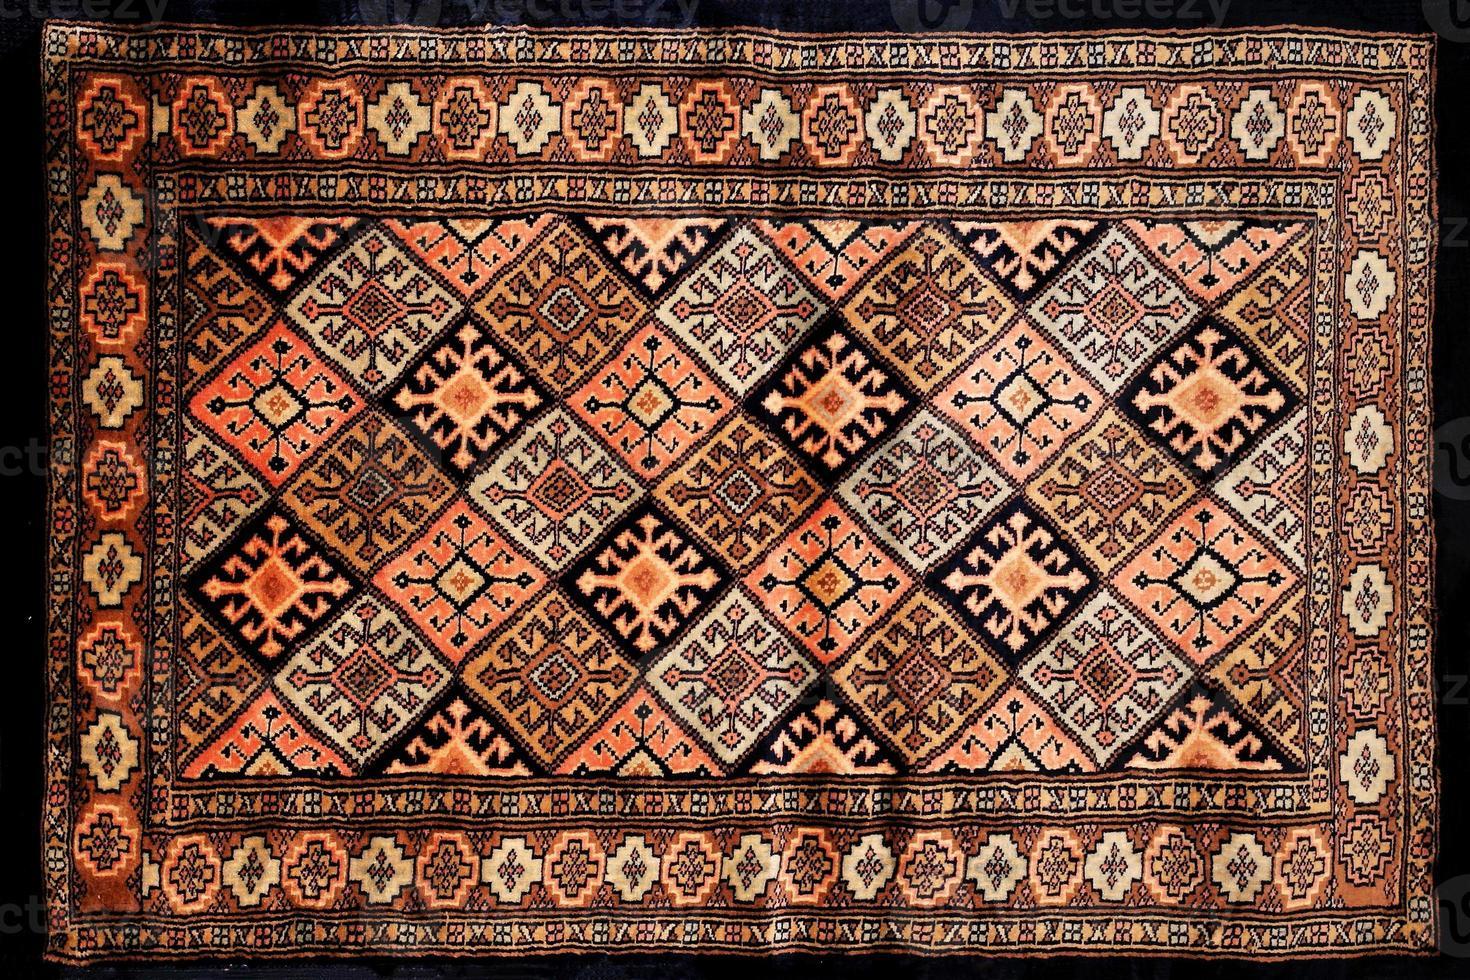 Perzisch tapijt textuur foto